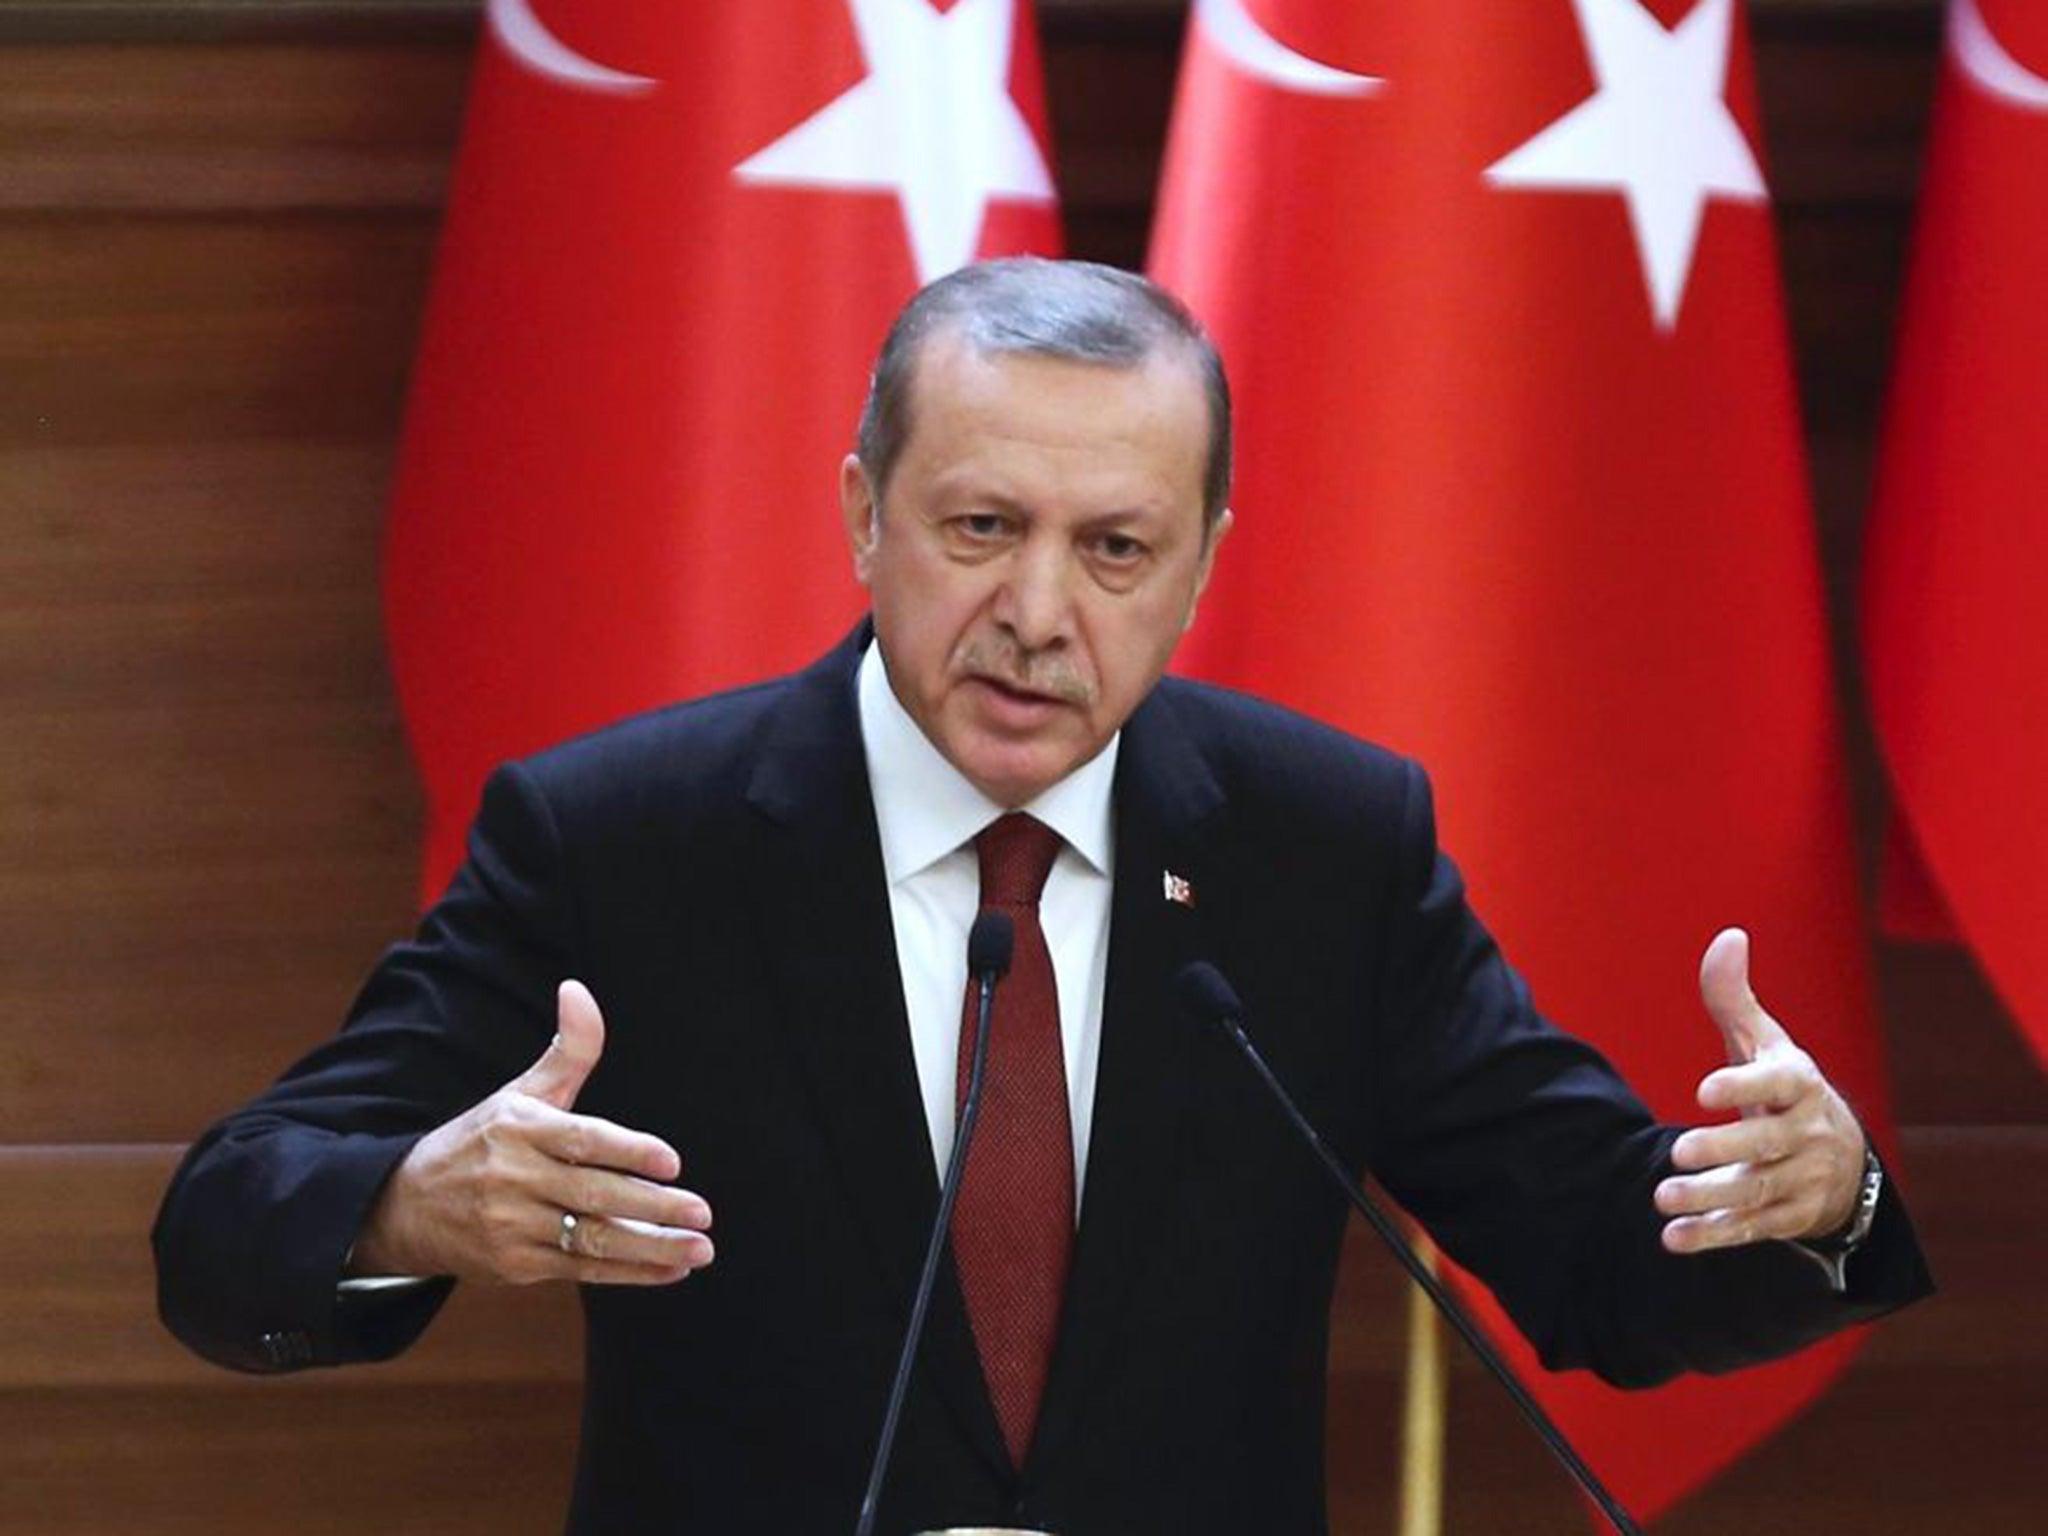 Թուրքիայի գլխավոր շտաբն ու հետախուզական ծառայություններն այսուհետ կլինեն Էրդողանի անձնական հսկողության ներքո